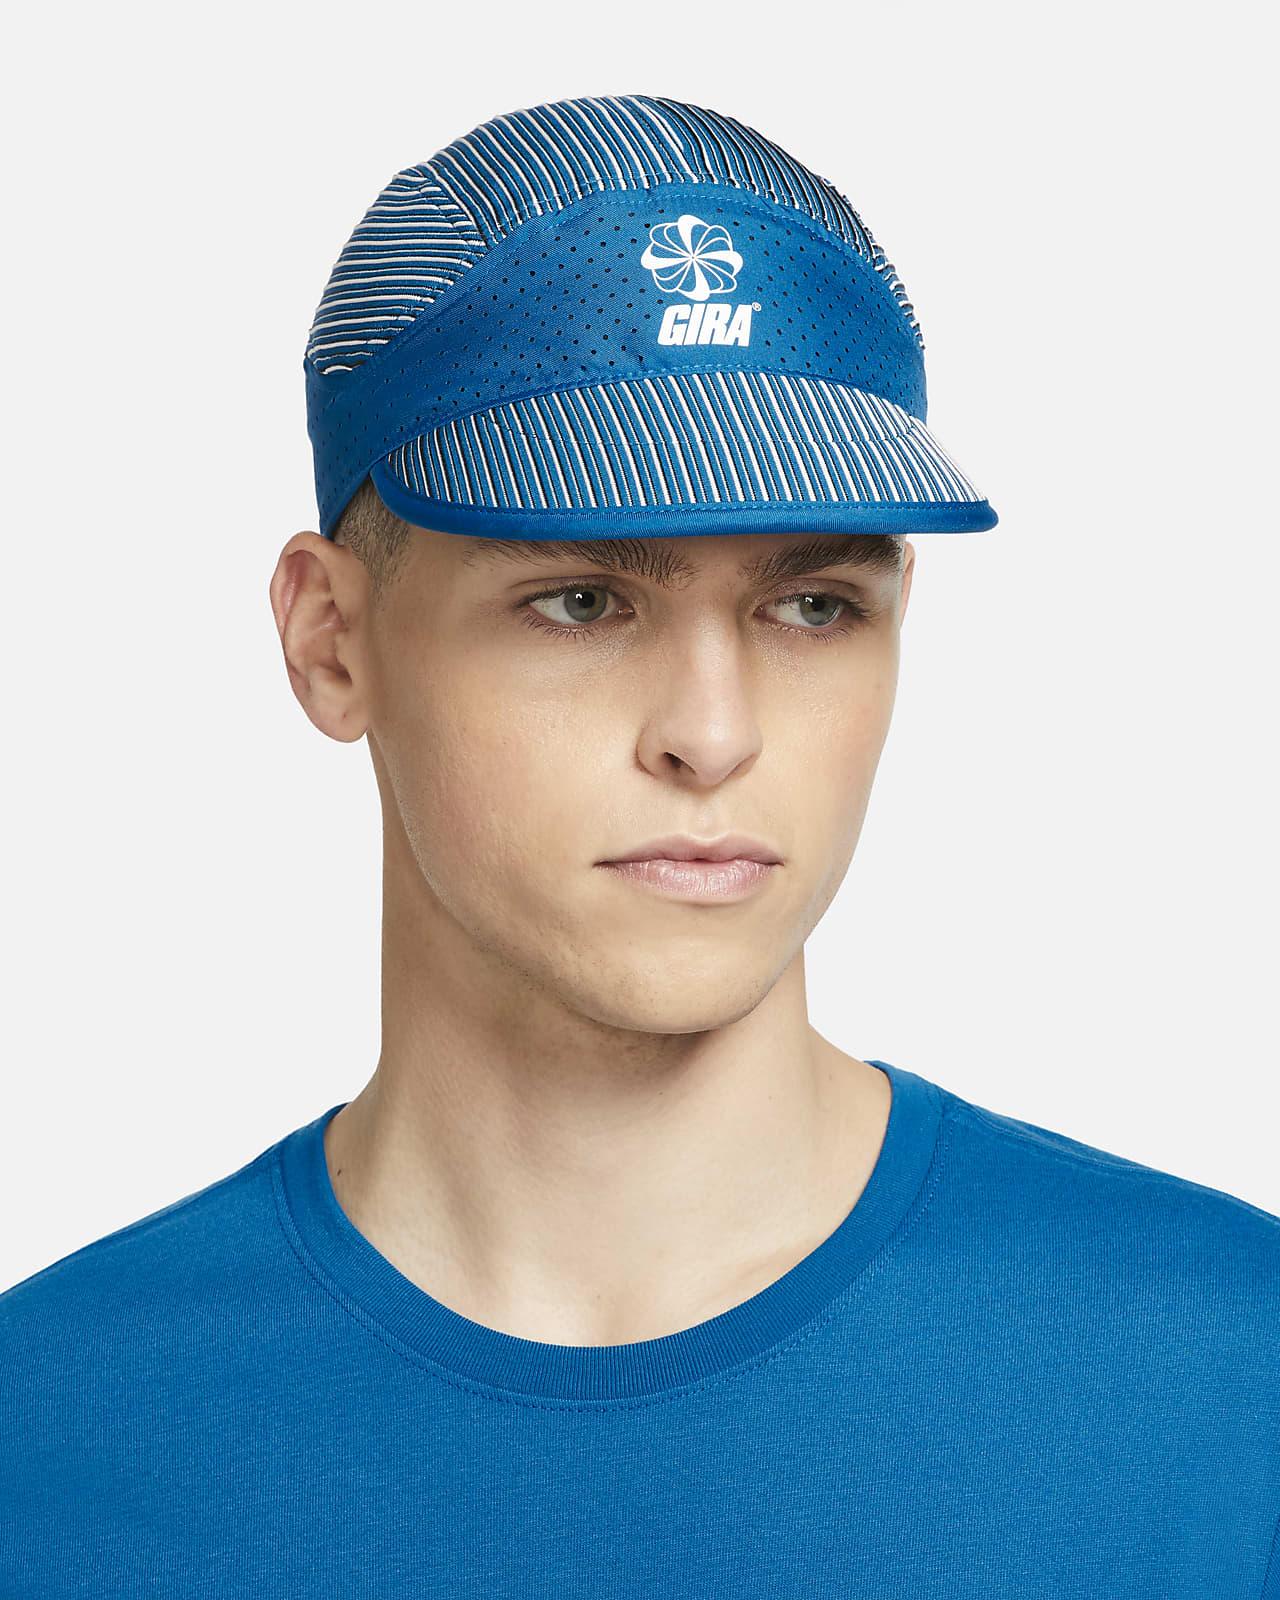 Καπέλο jockey για τρέξιμο σε ανώμαλο δρόμο Nike x Gyakusou